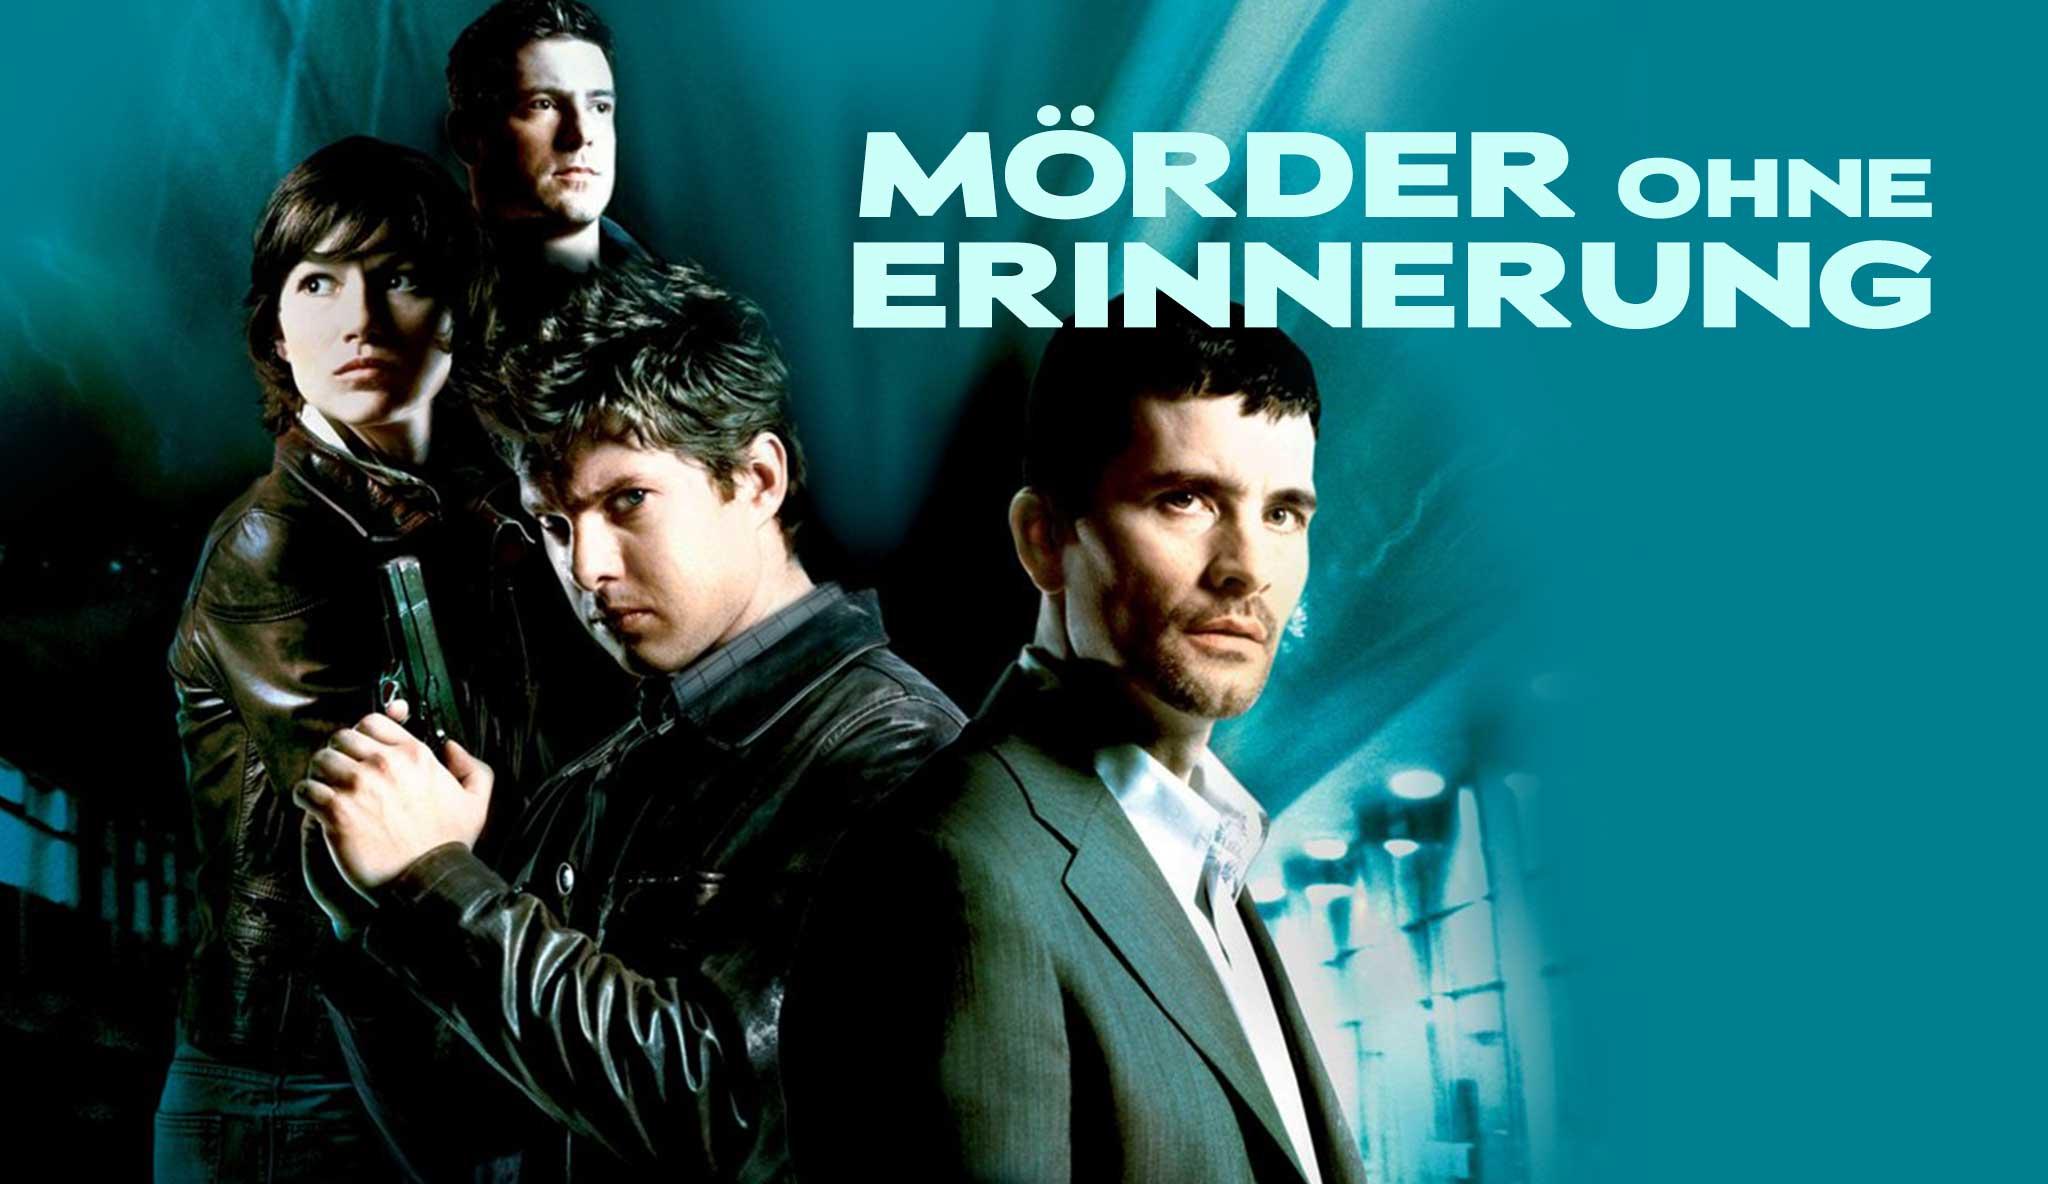 morder-ohne-erinnerung\header.jpg